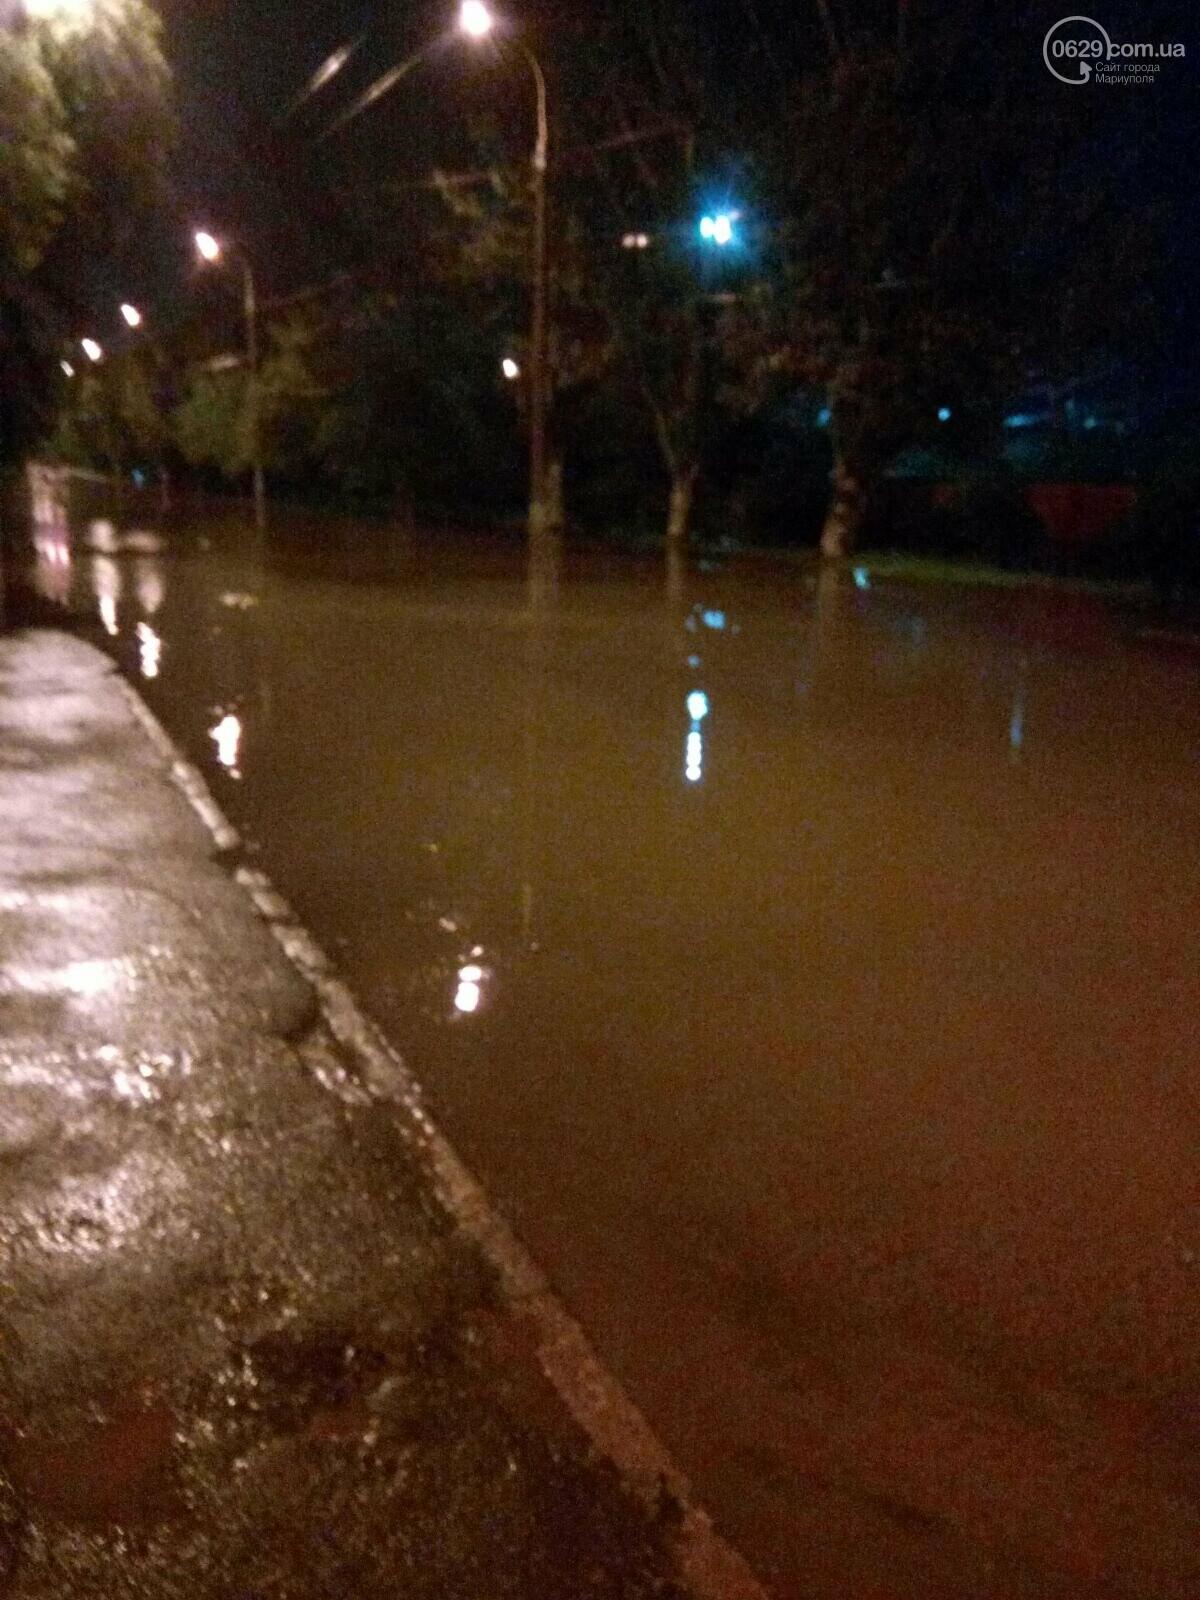 Вода сошла! Как утром после ливня выглядят очаги подтопления в Мариуполе, - ФОТО, фото-5